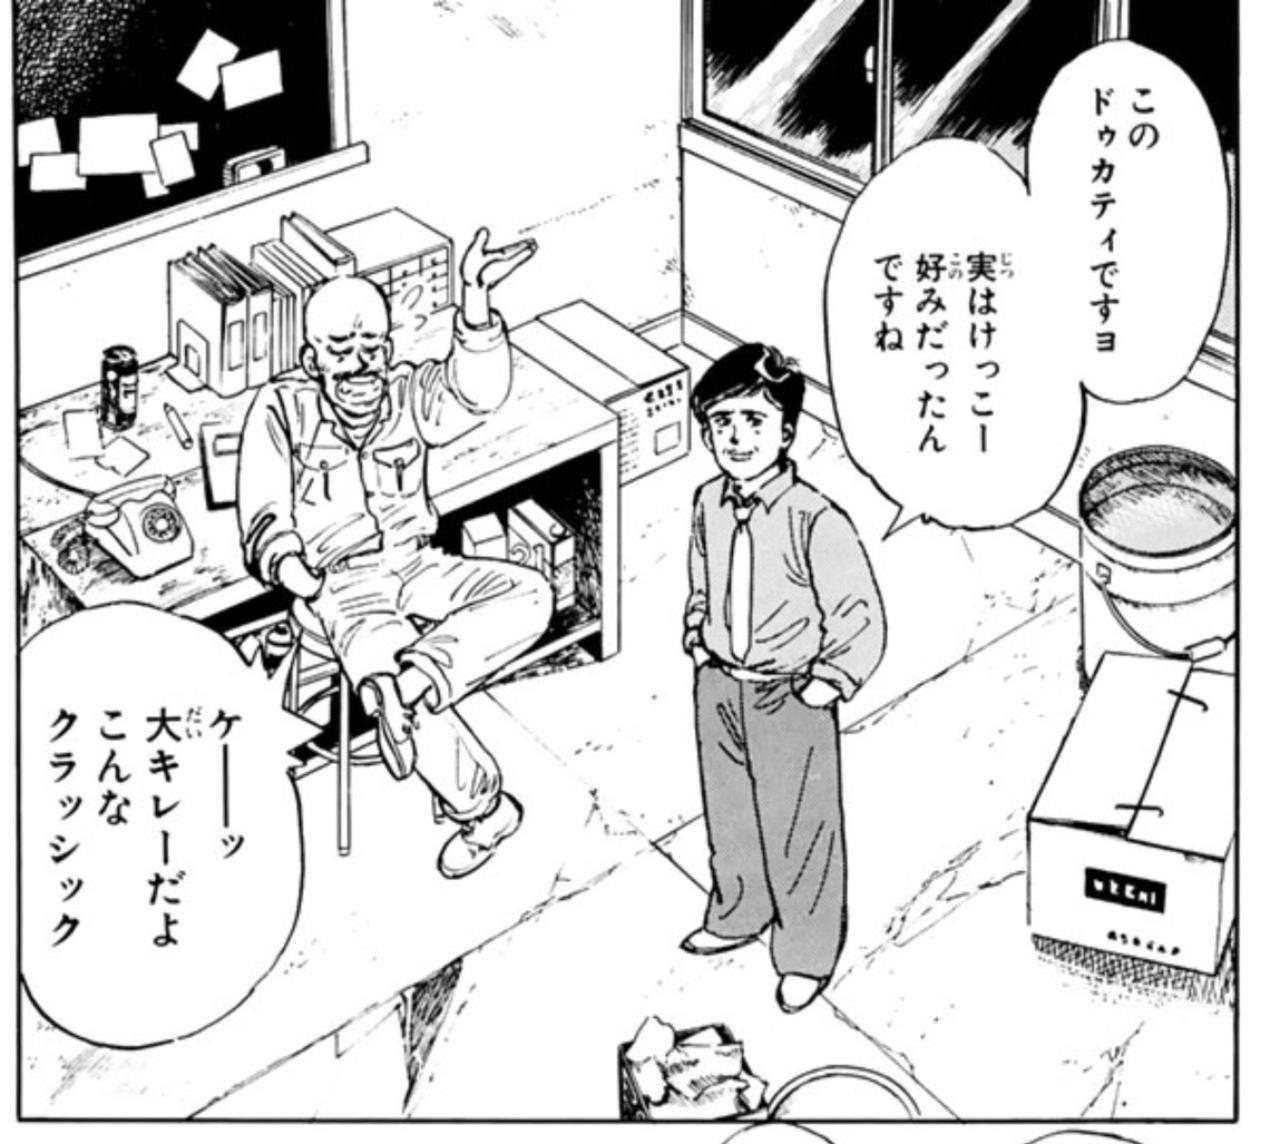 画像: ご存じボンバーのオヤジさんと井田さん。良いコンビ。(「あいつとララバイ」©楠みちはる先生/講談社)